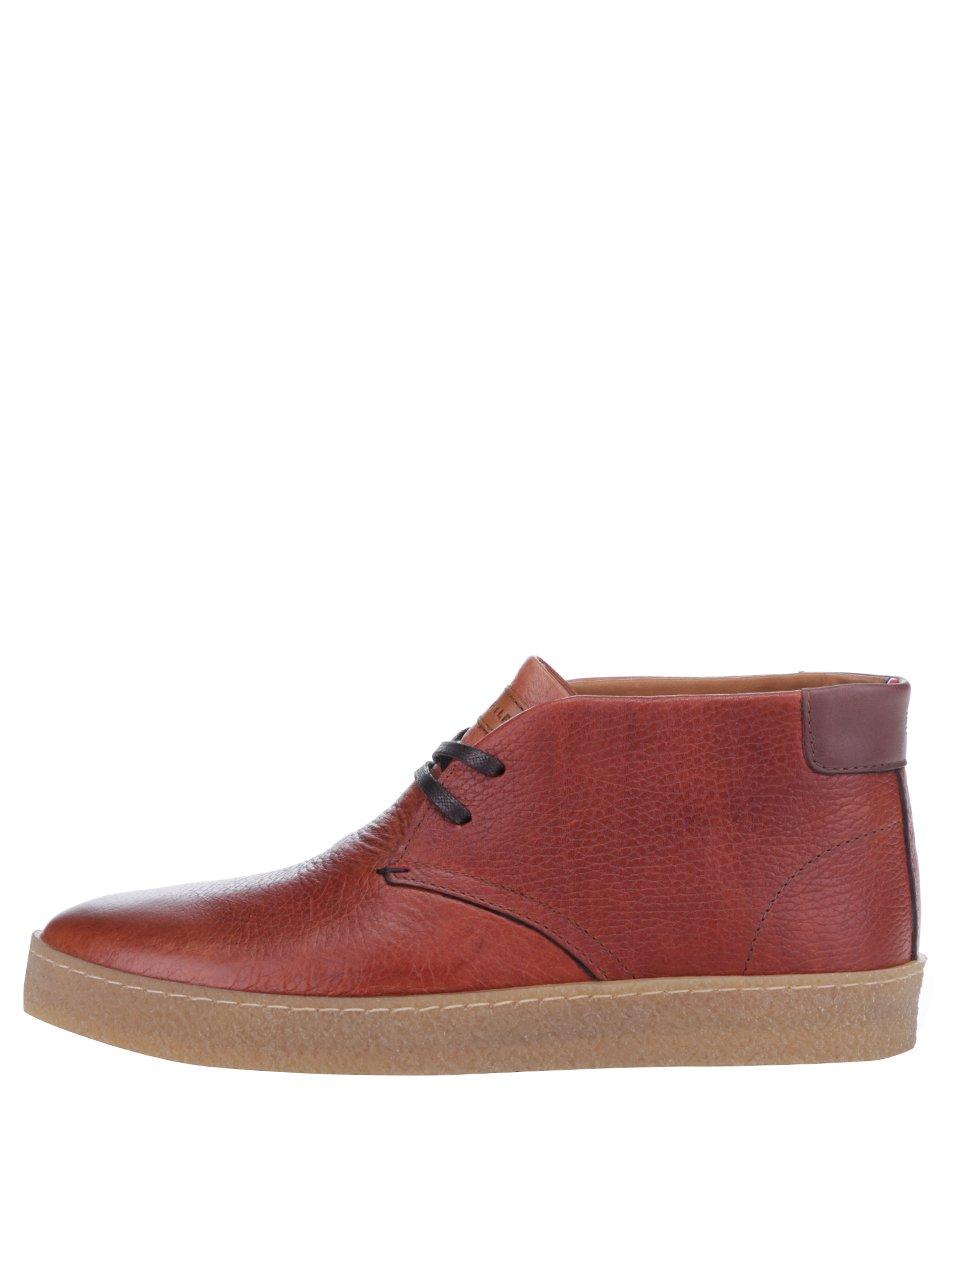 Hnědé pánské kožené kotníkové boty Tommy Hilfiger Logan